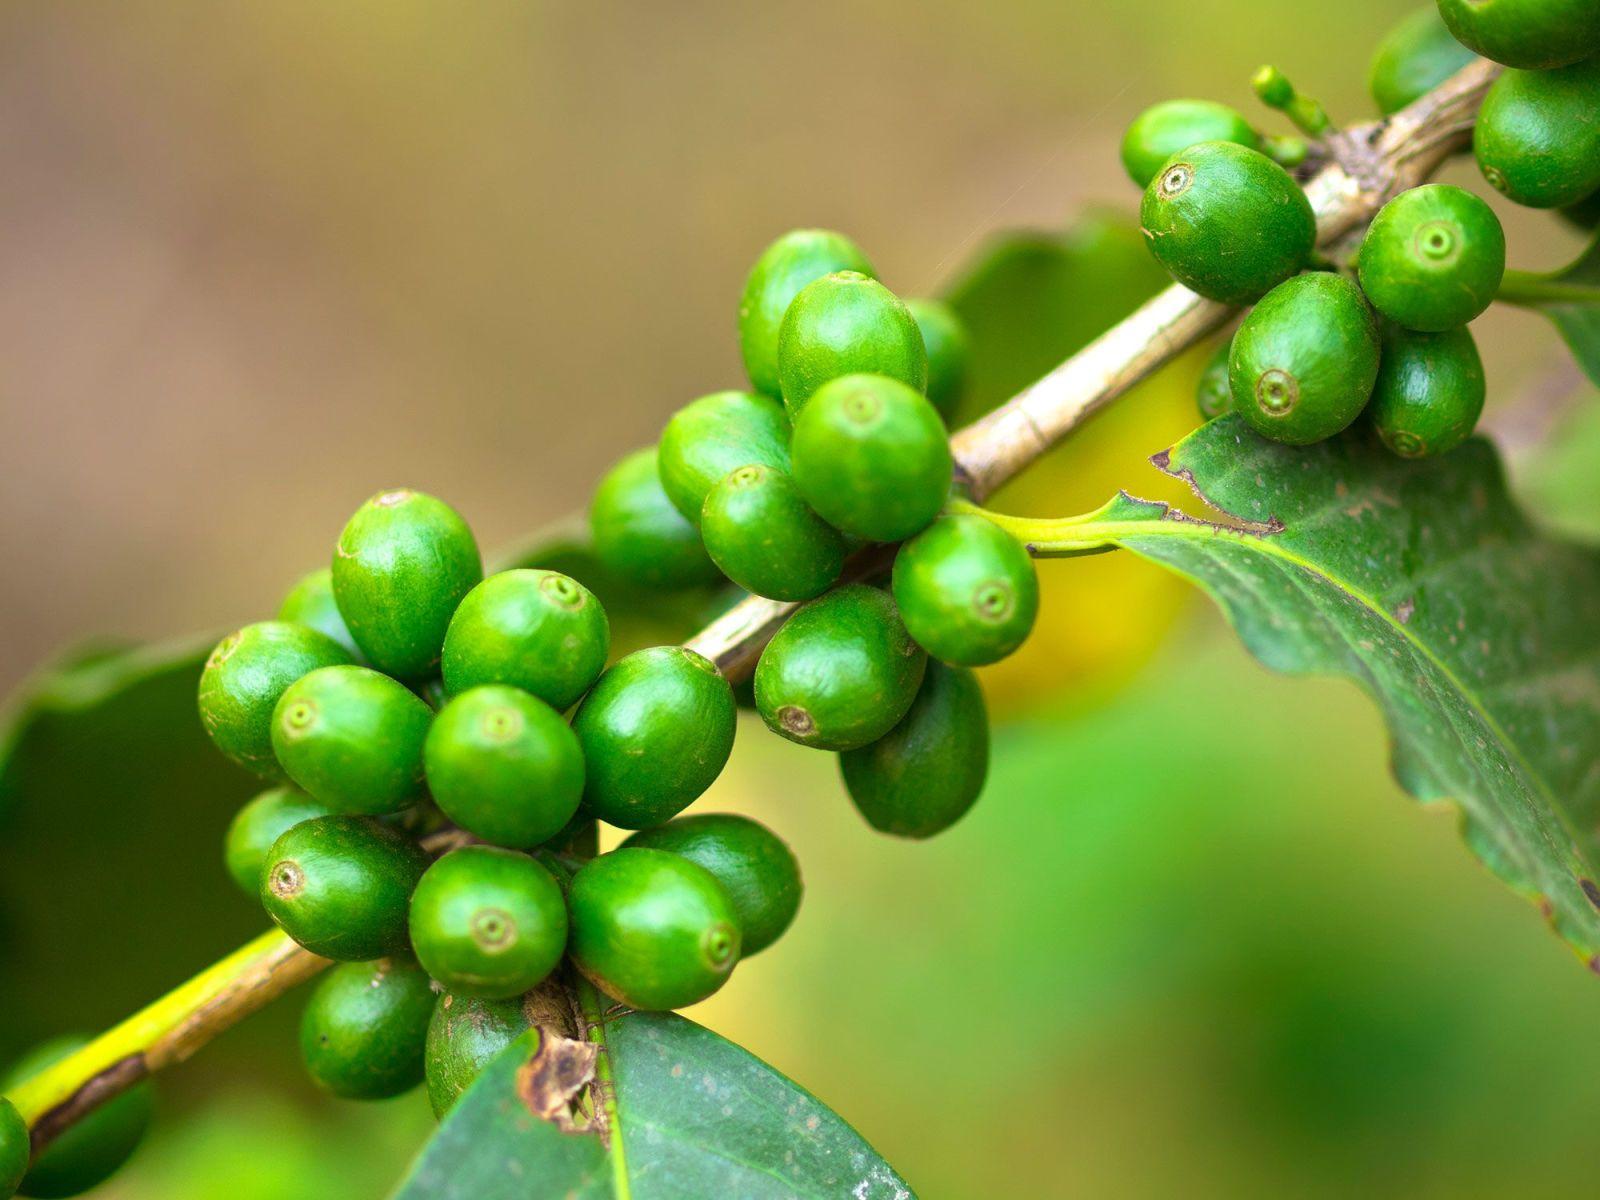 cos è un buon estratto di chicco di caffè verde